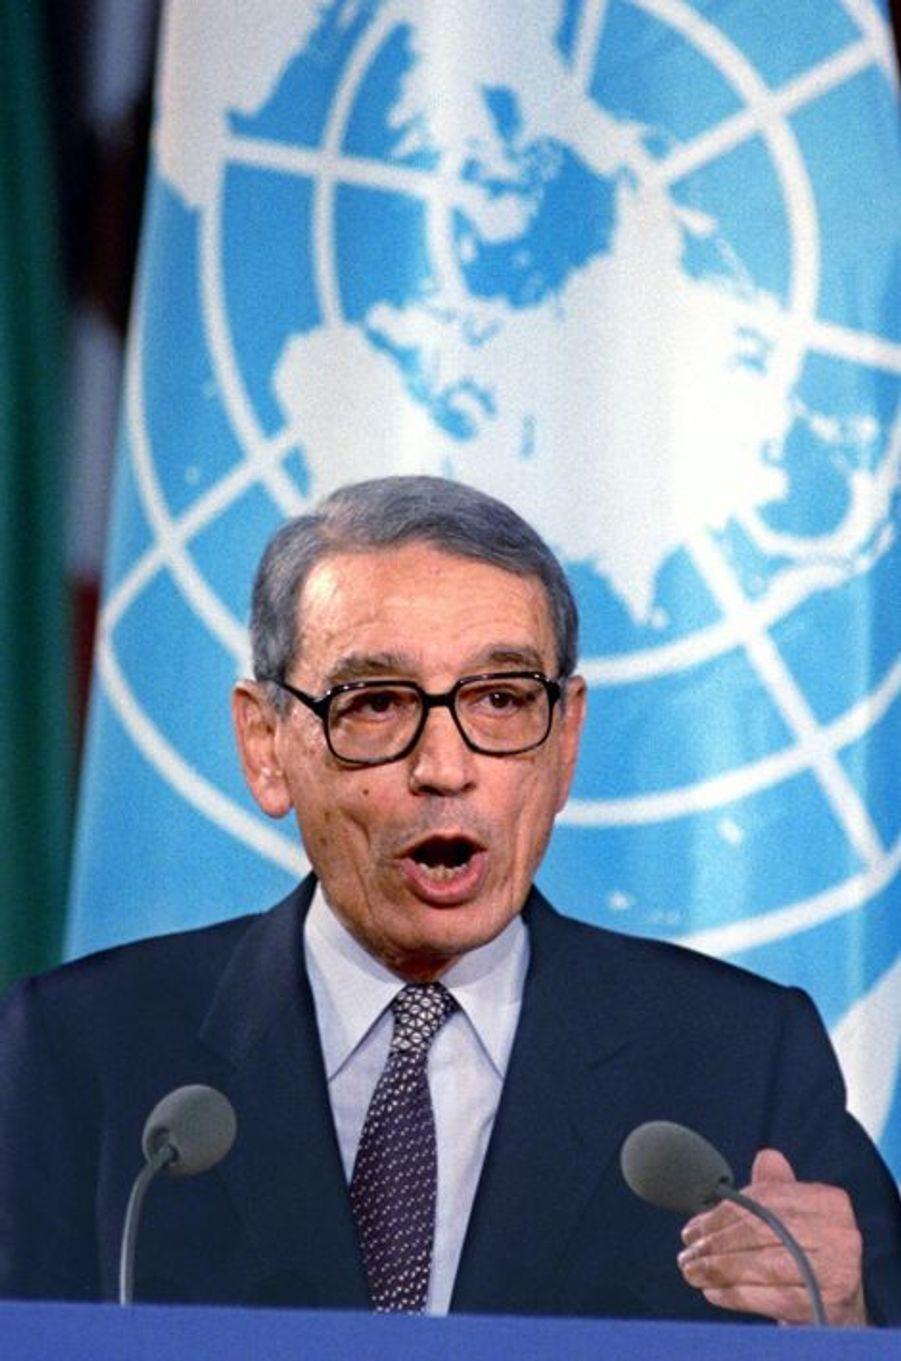 Boutros Boutros-Ghali à une conférence sur les armes chimiques, en janvier 1993